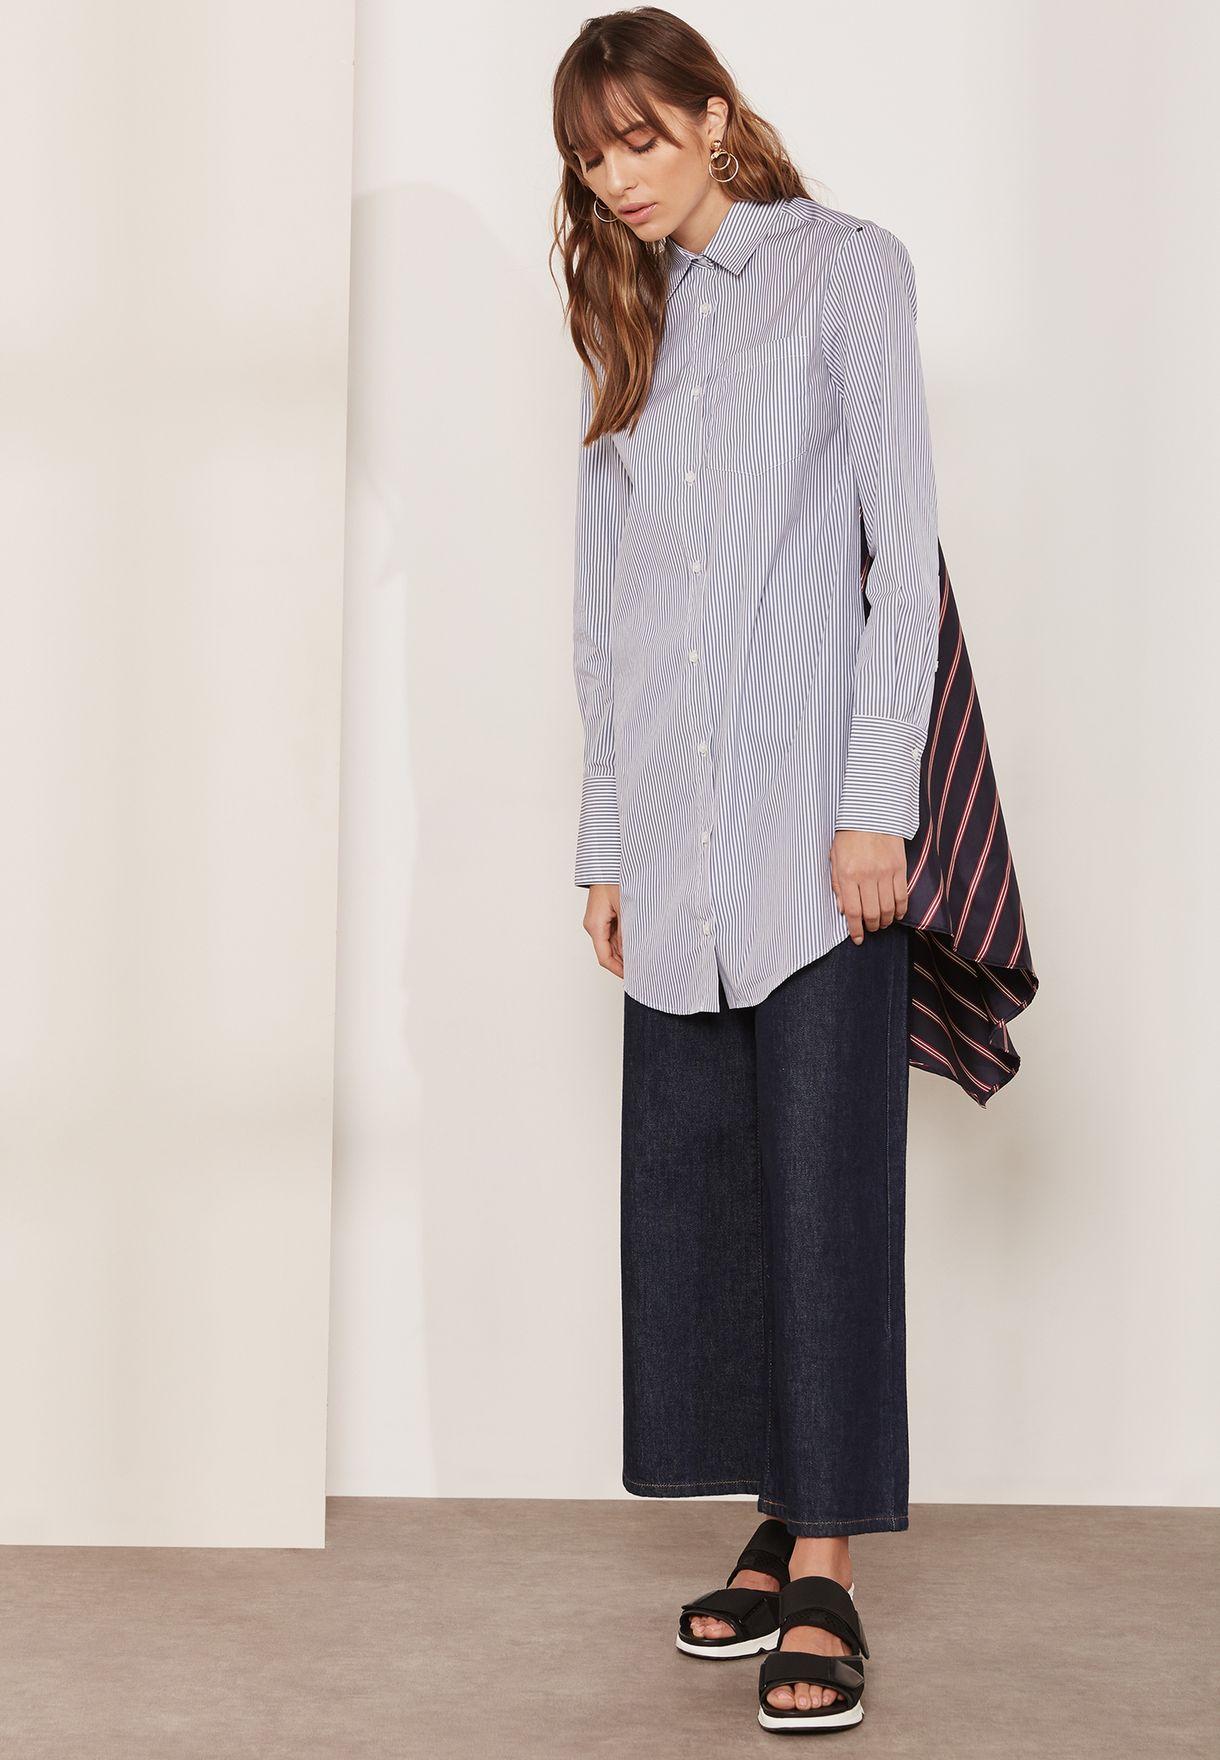 فستان بنمط قميص بطبعات خطوط